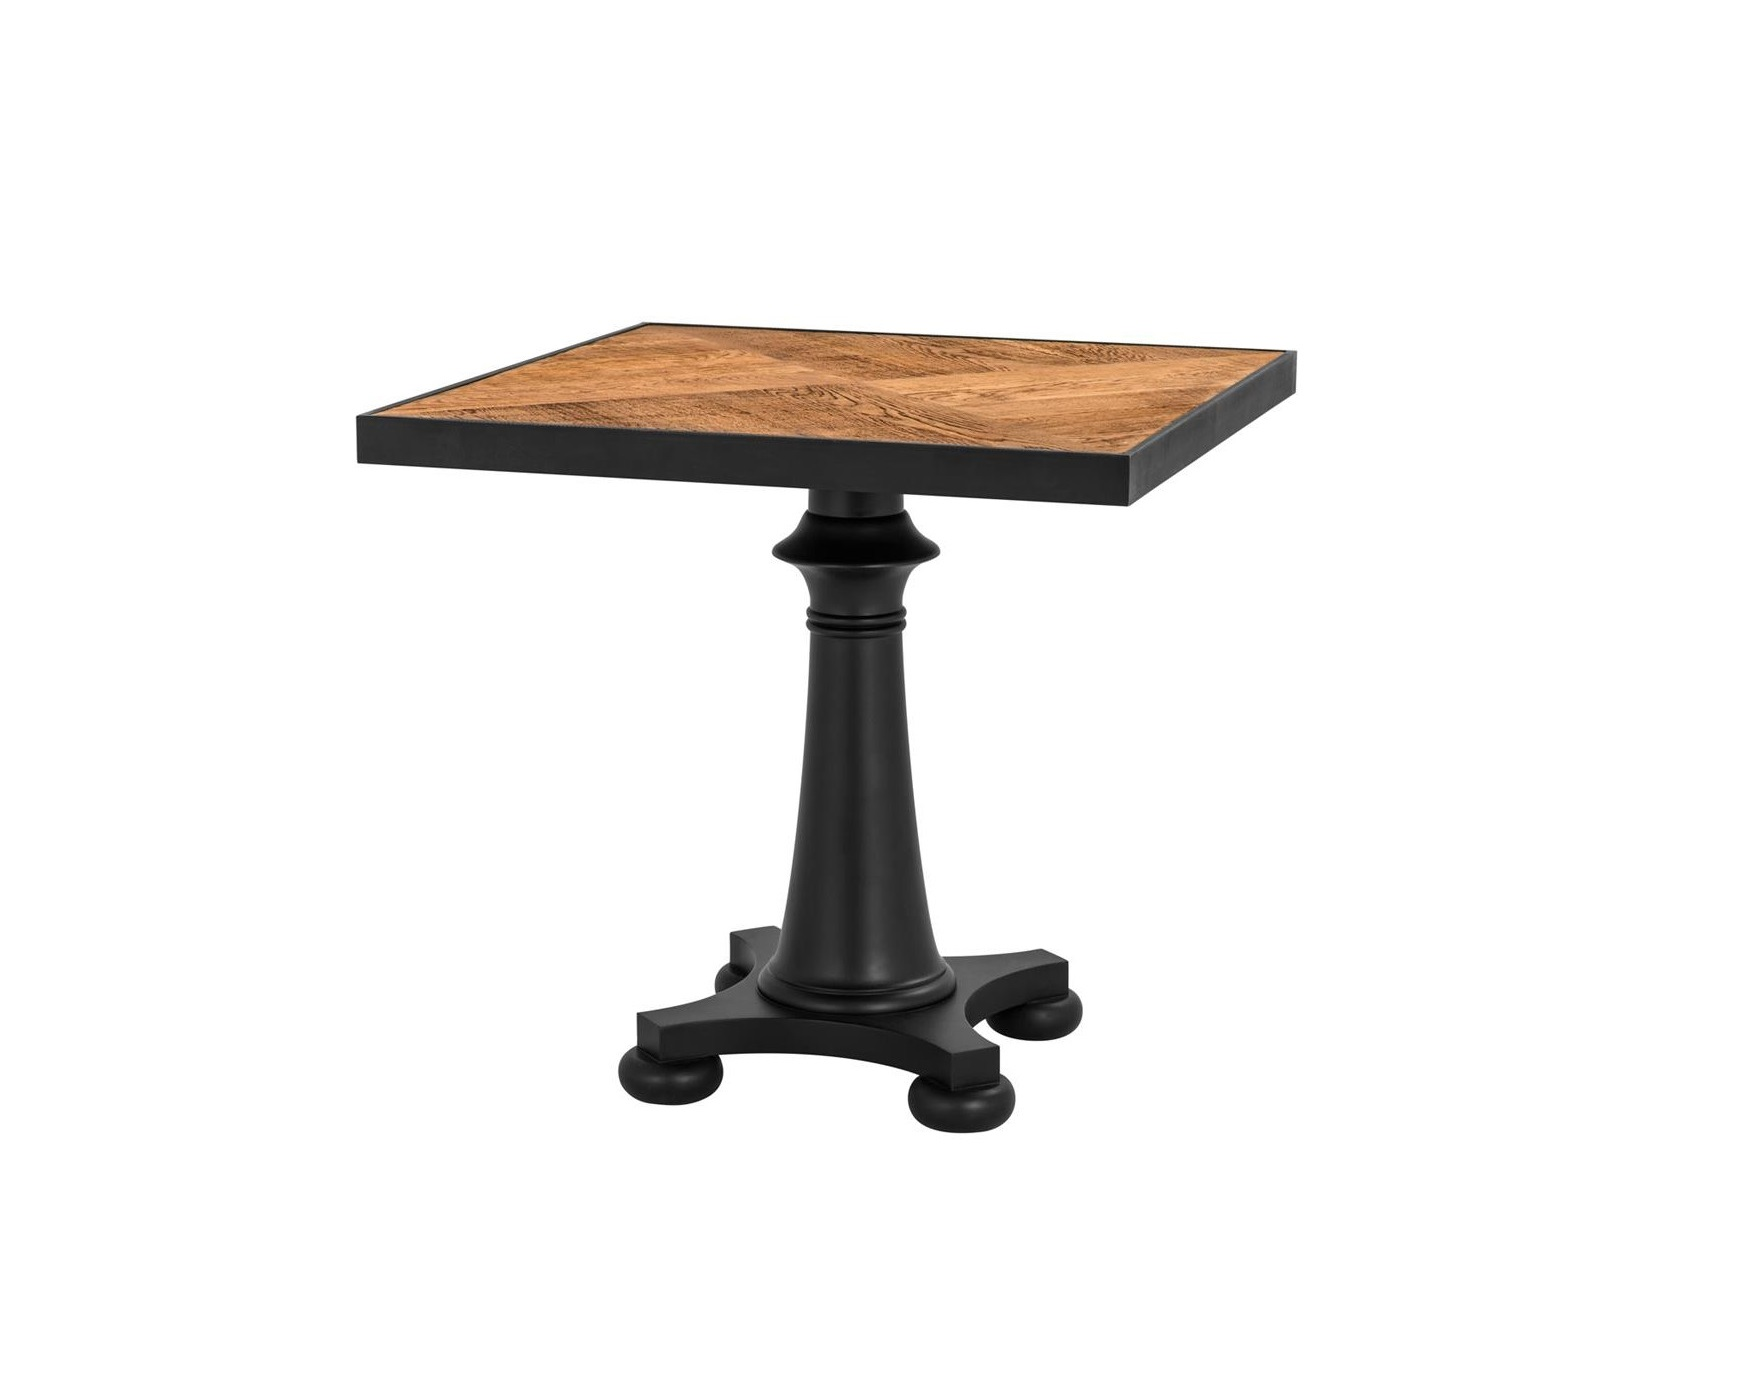 Стол MegeveКофейные столики<br><br><br>Material: Дерево<br>Ширина см: 80<br>Высота см: 76<br>Глубина см: 80